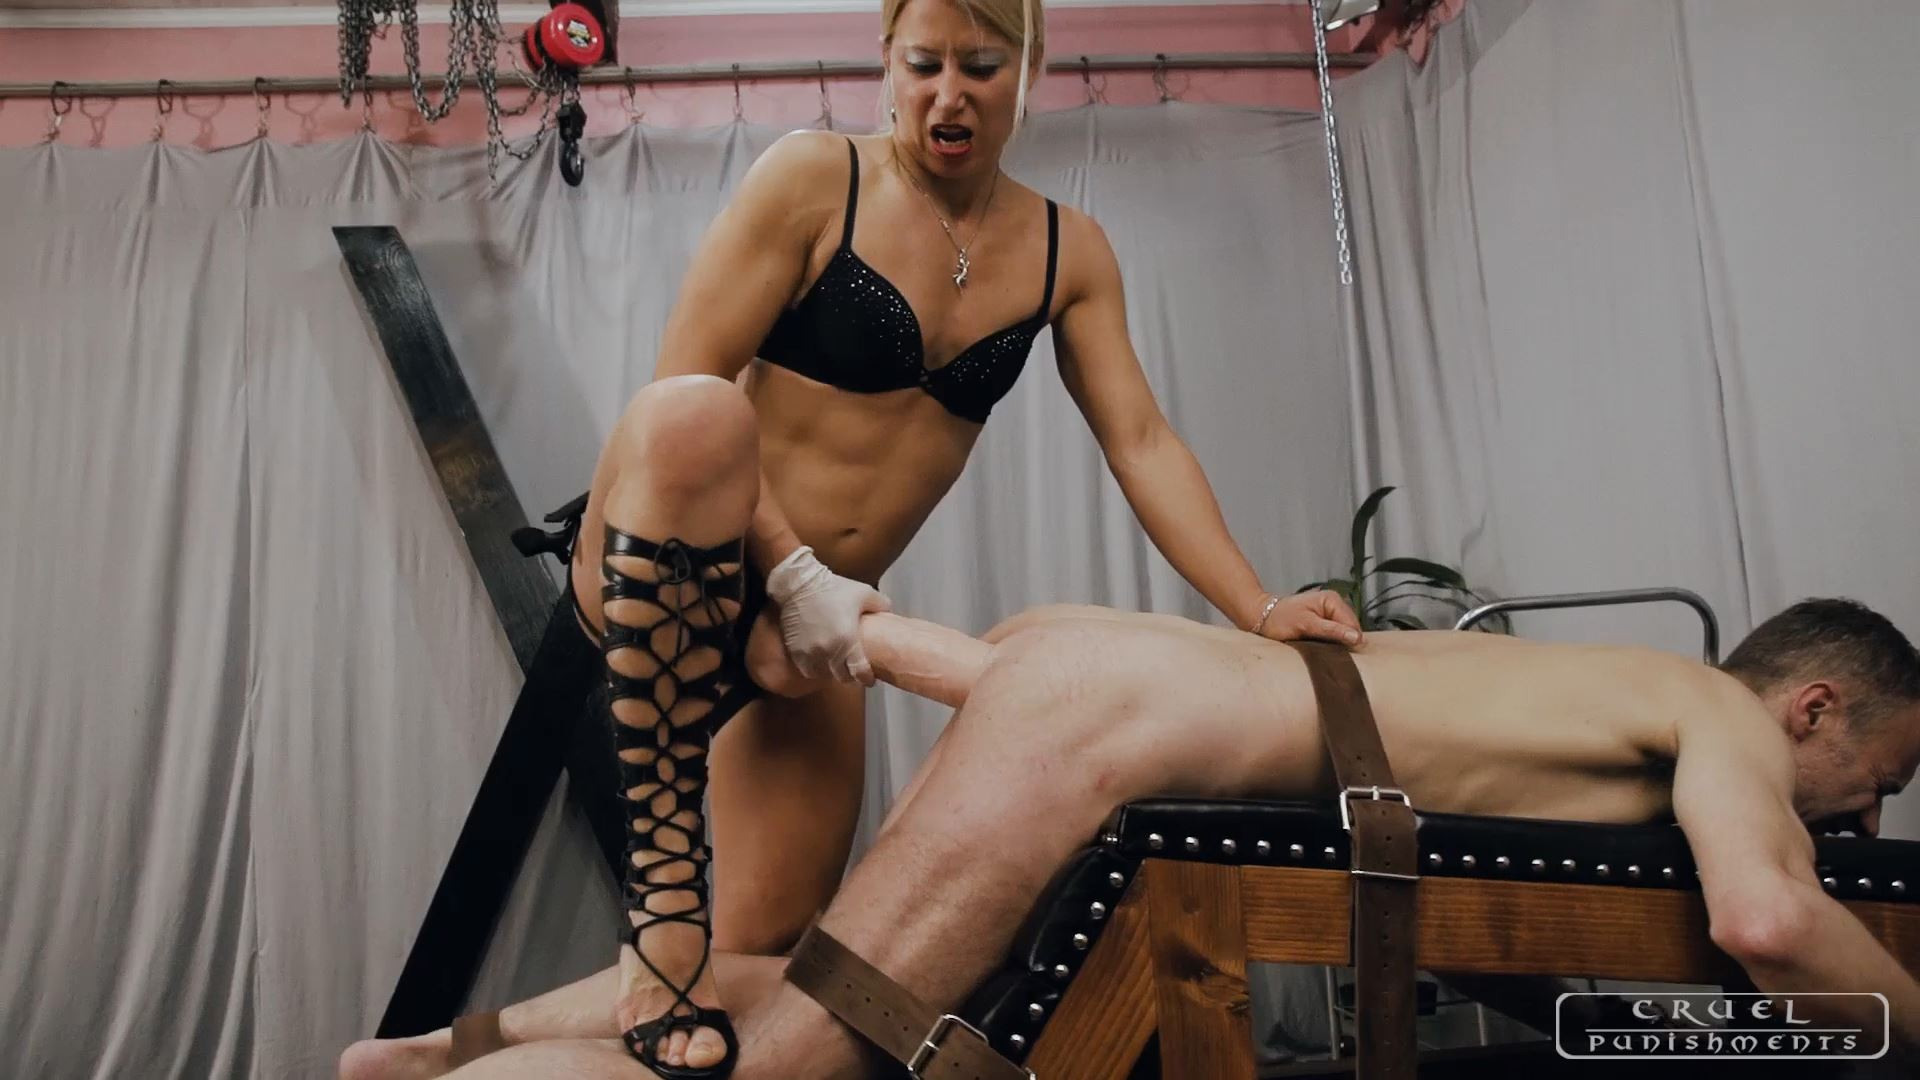 Mistress Zita In Scene: Disappearing strapon - CRUEL PUNISHMENTS - SEVERE FEMDOM - FULL HD/1080p/MP4